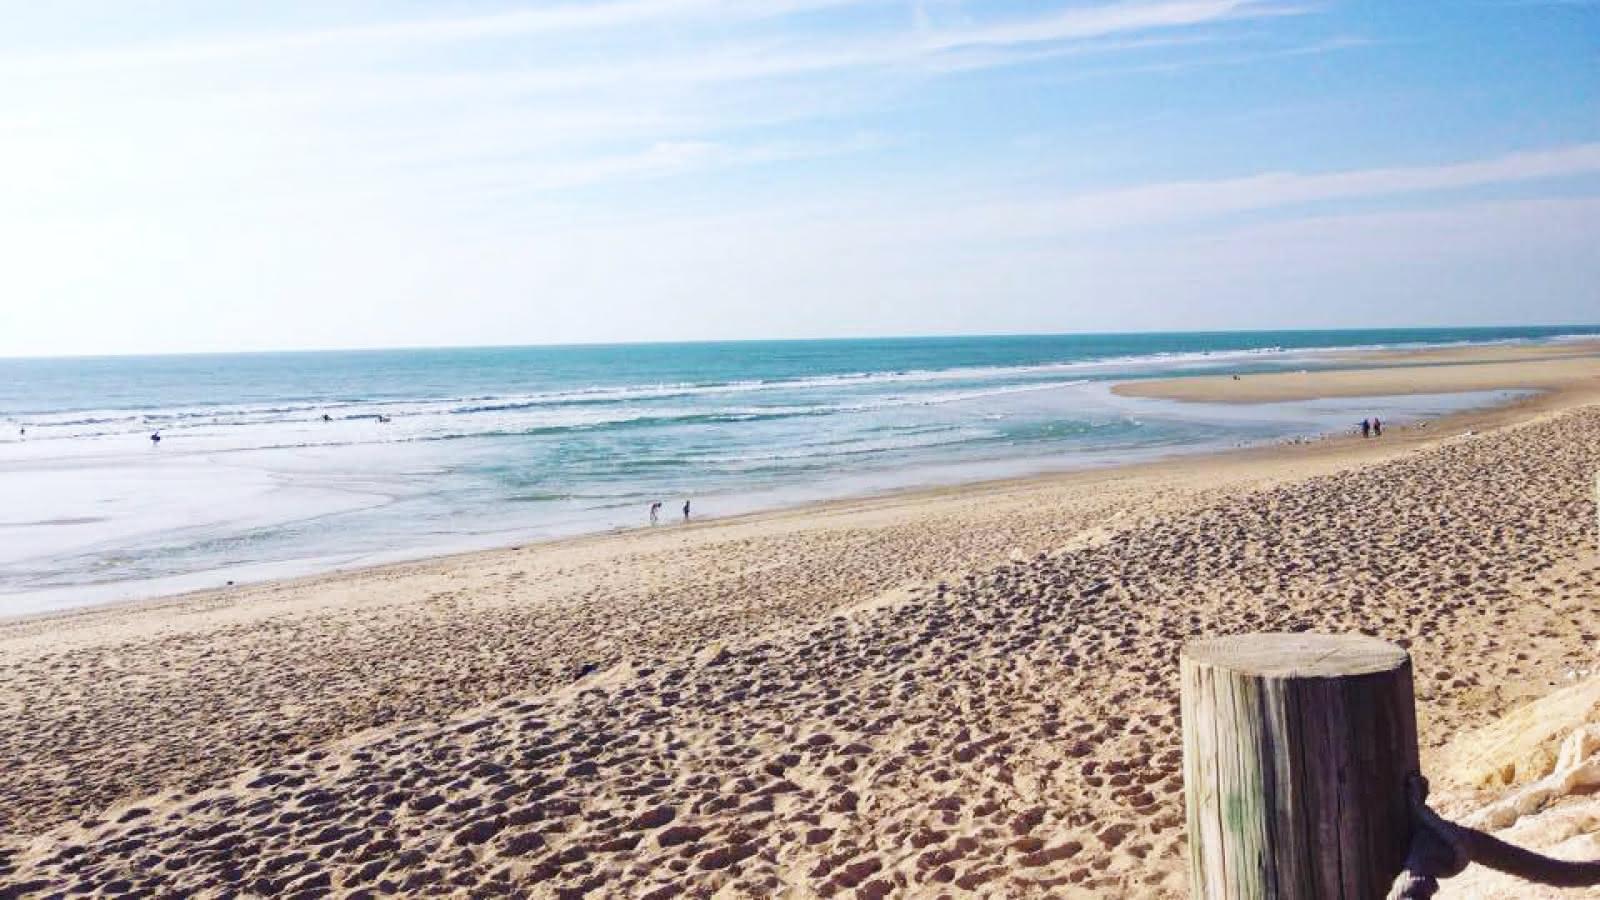 plage-lacanau-ou-faire-du-velo-a-bordeaux-location-kyango